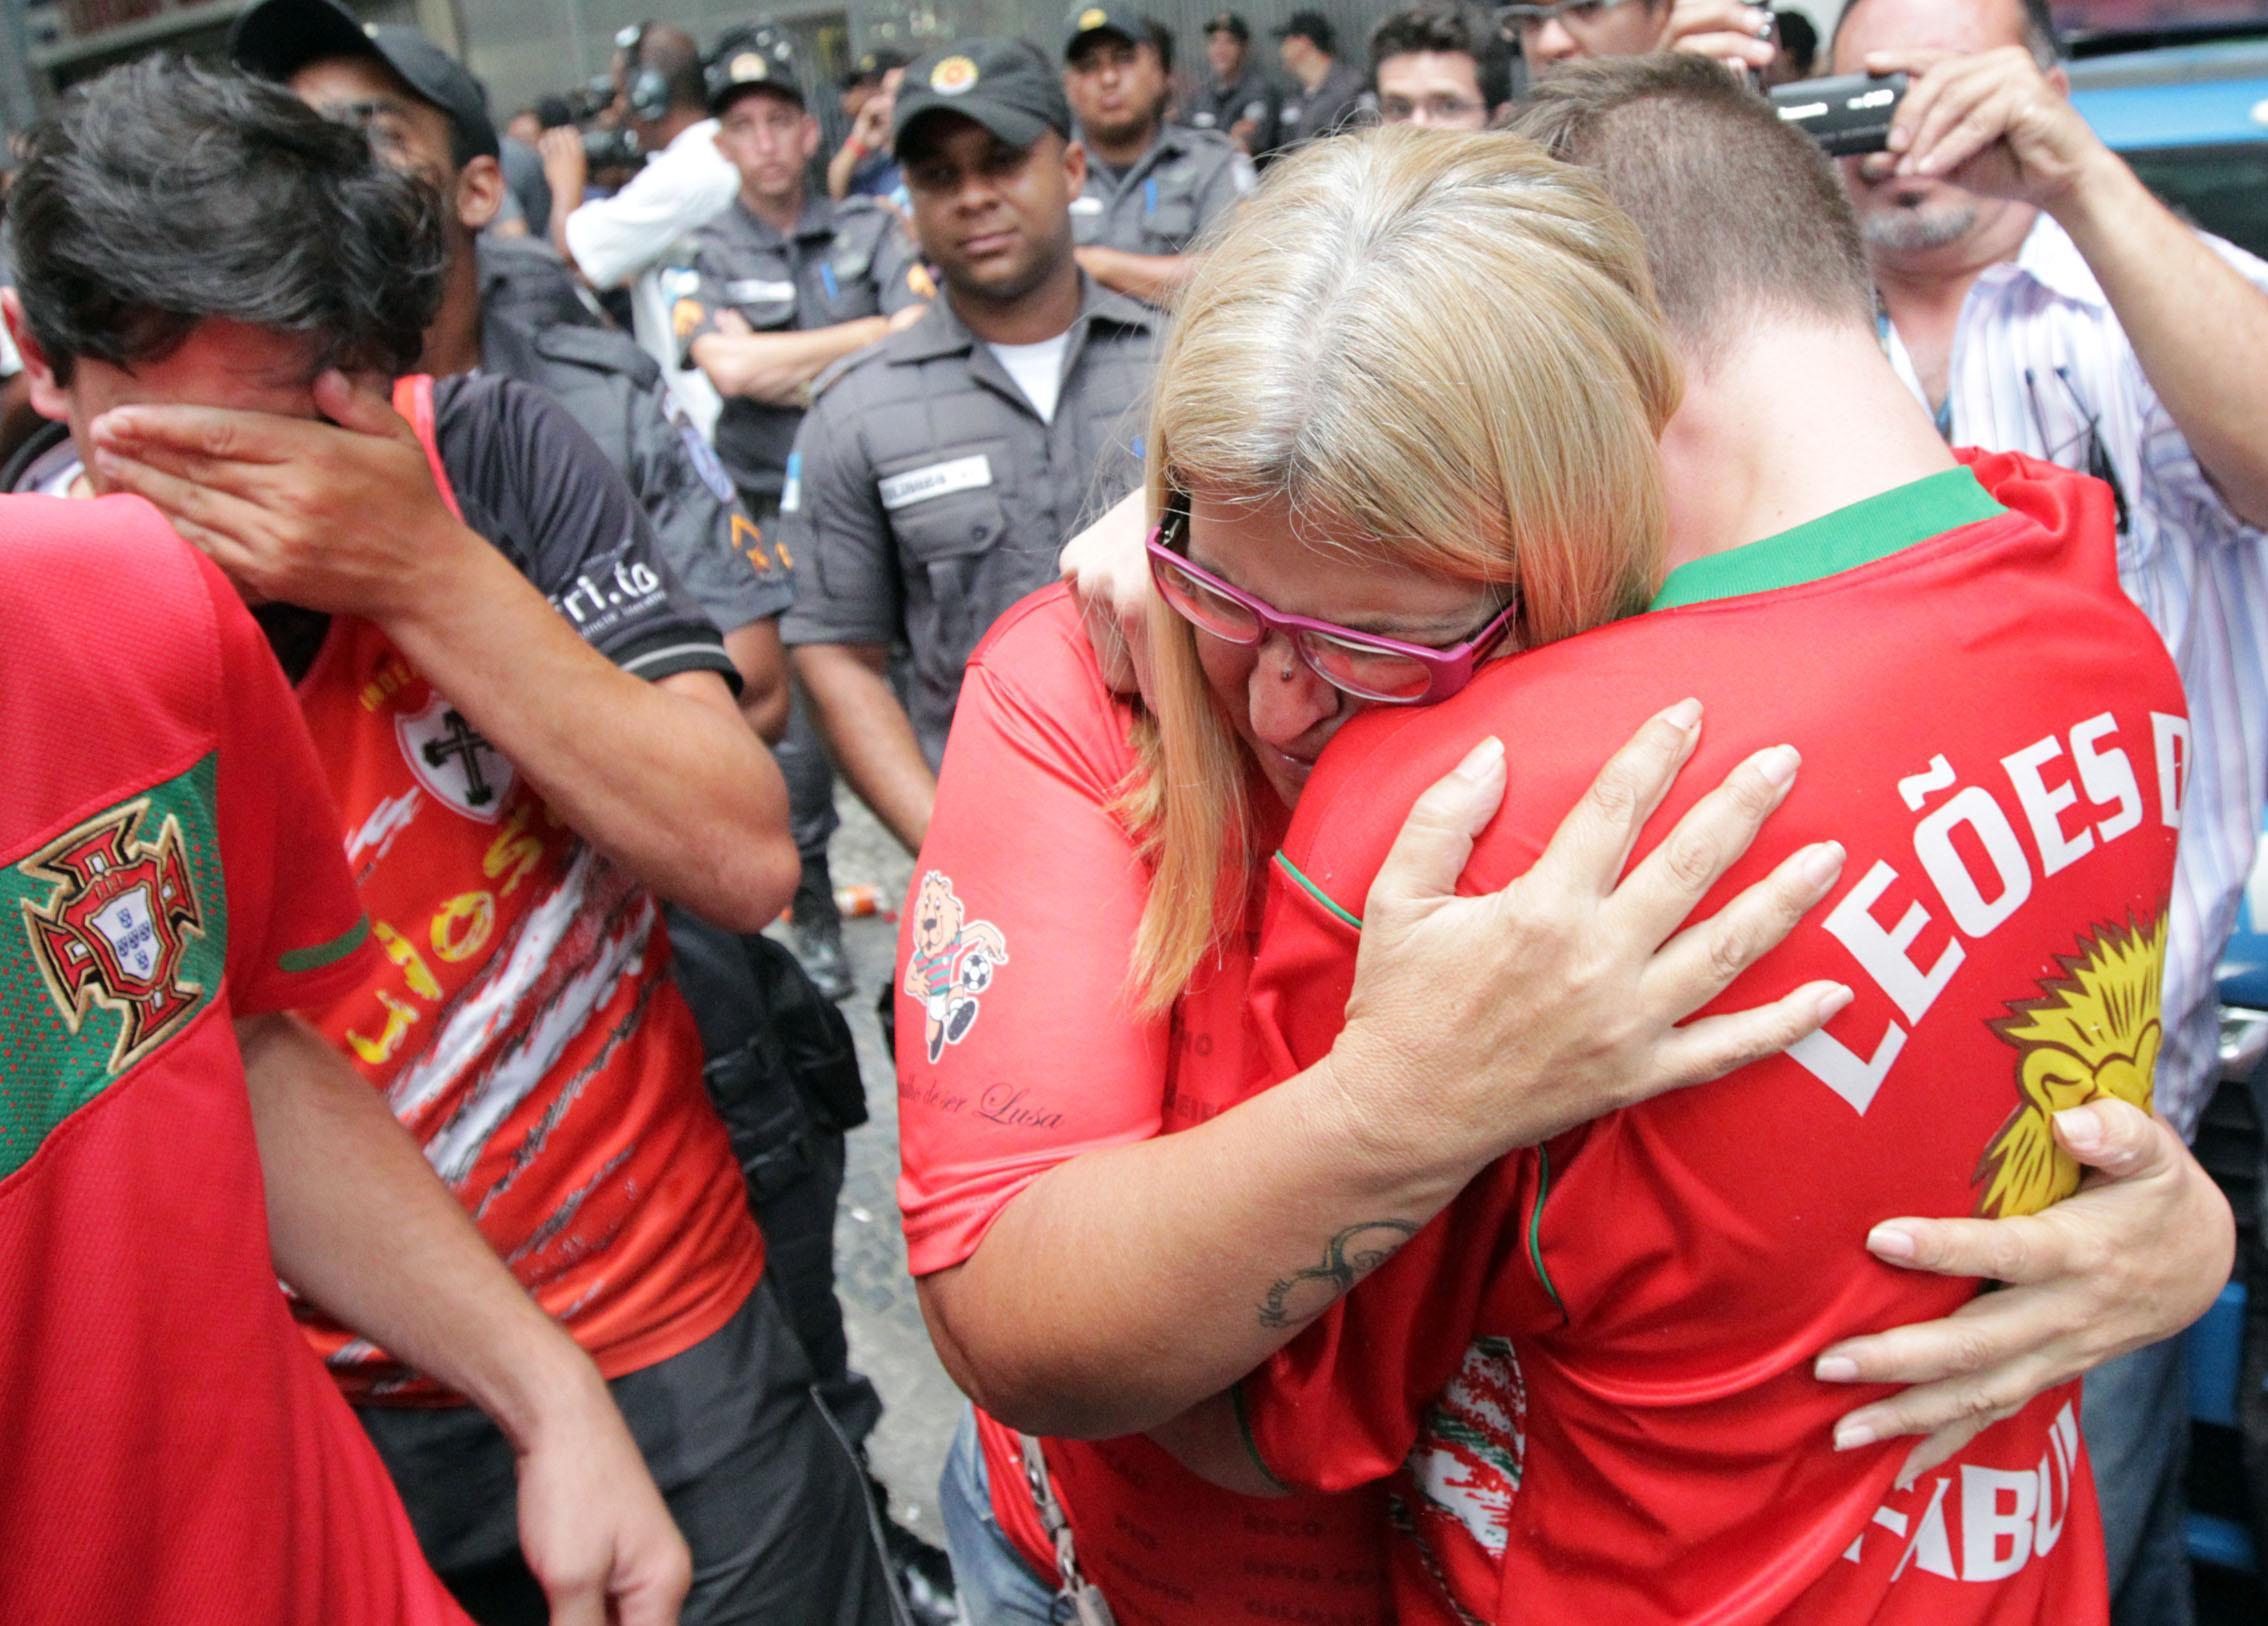 Sofrimento dos torcedores com a queda. FOTO: Marcos de Paula/AE